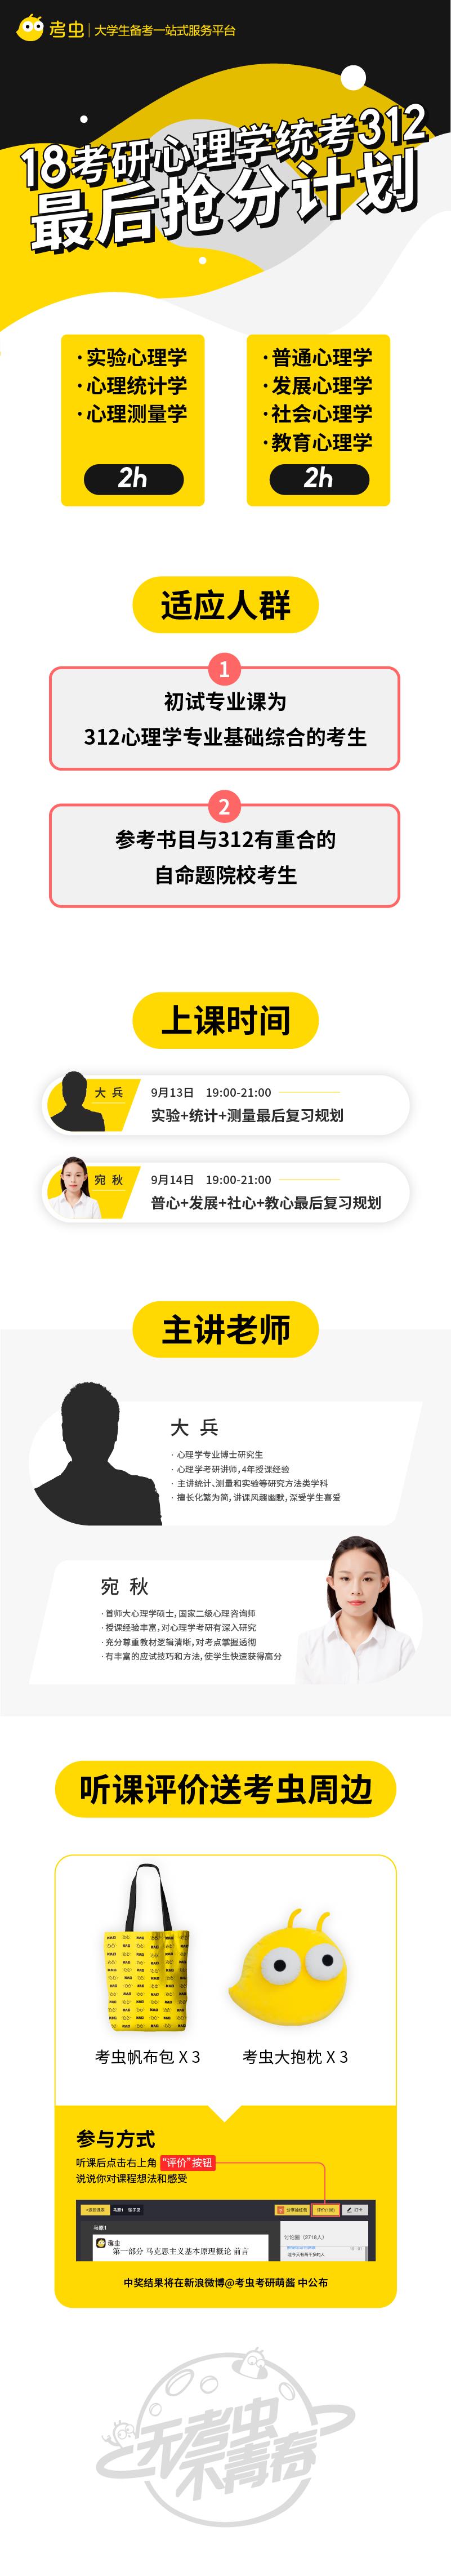 心理学公开课改-794.png